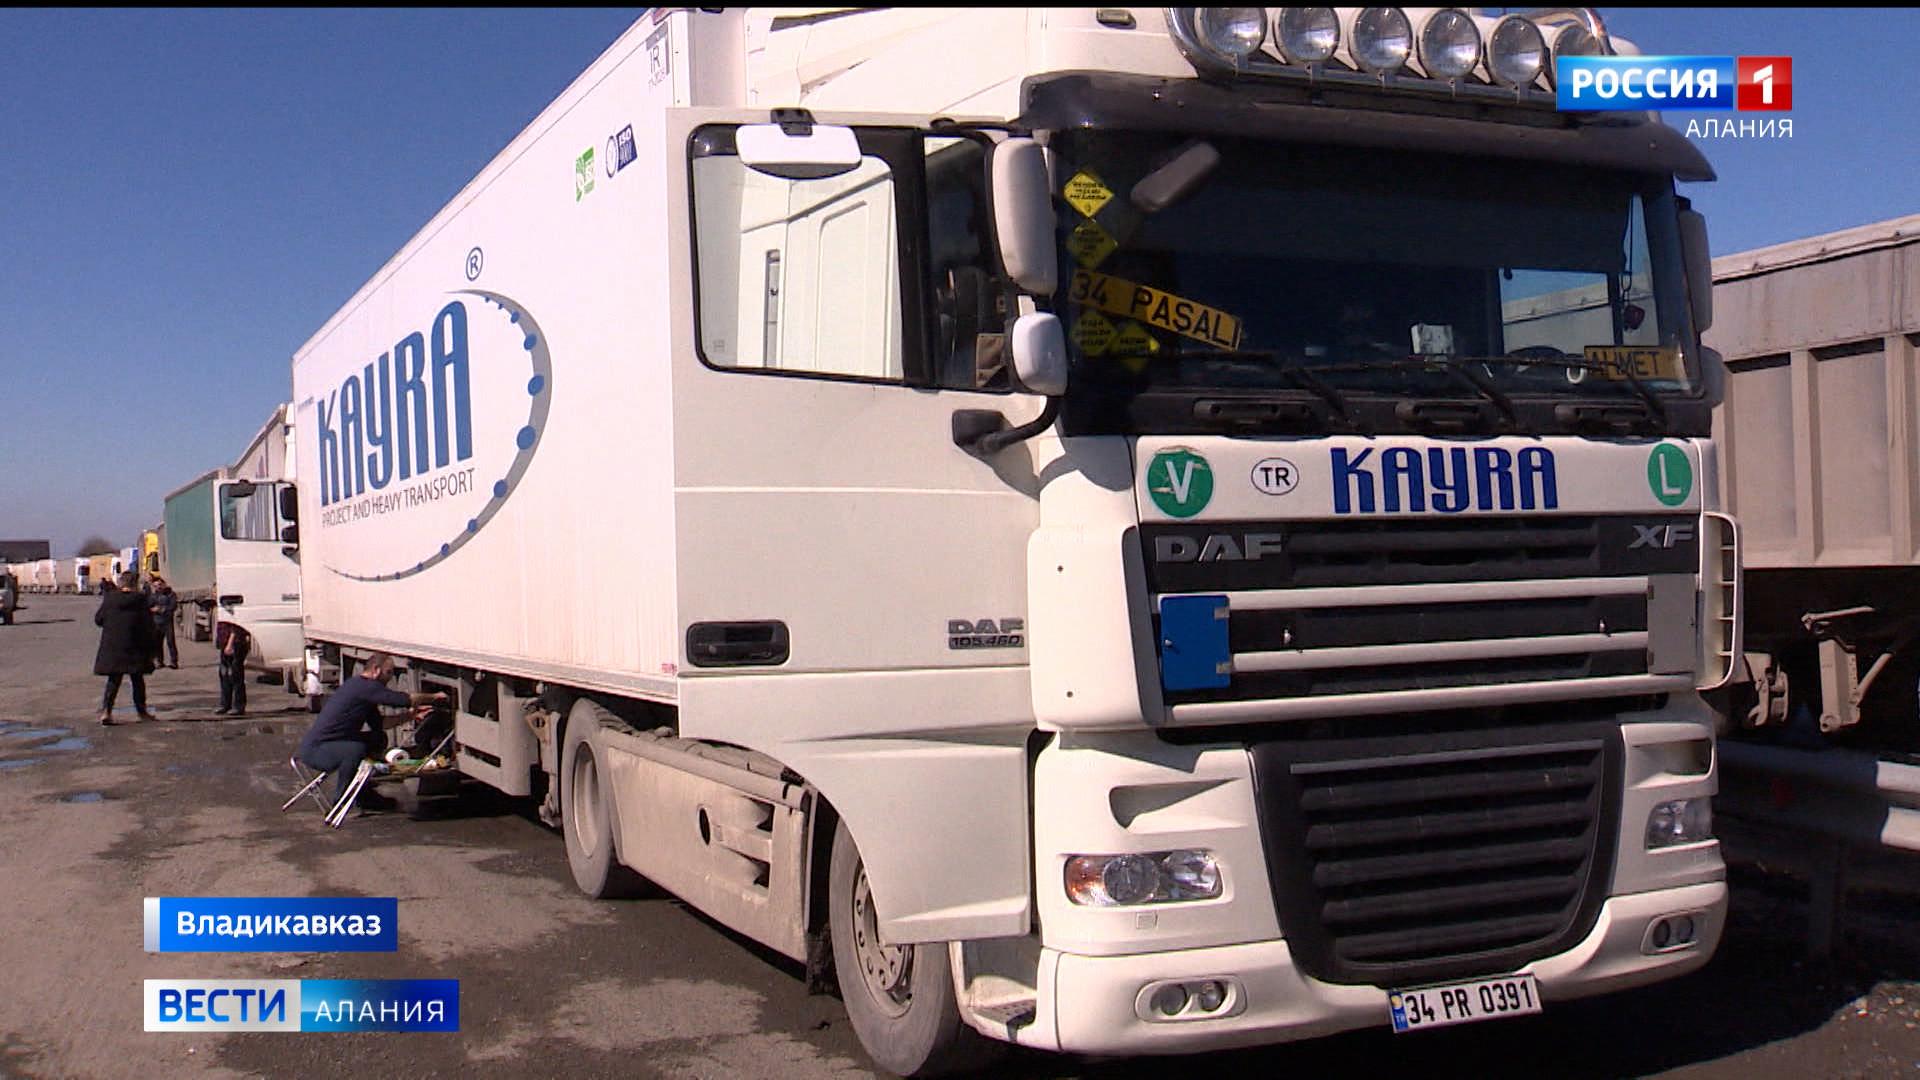 Сотни водителей большегрузов ждут возможности пересечь российско-грузинскую границу